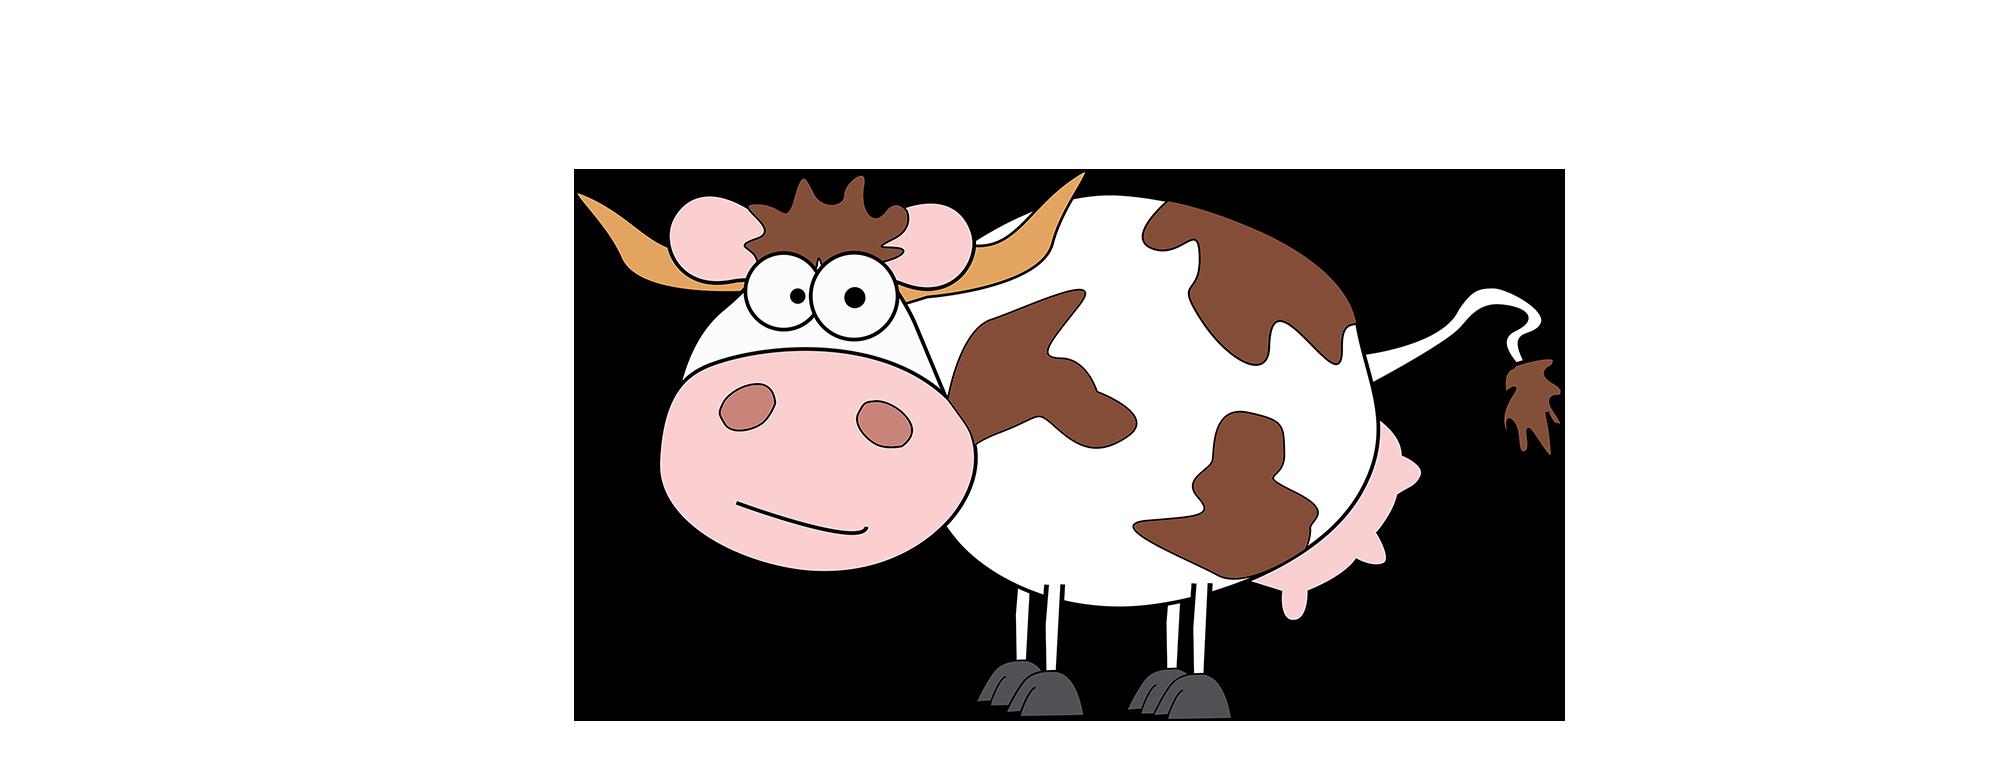 Hat eine Kuh von Herr Meier Bedarf gemelkt zu werden, kann sie sich  selbstständig zum Melkroboter bewegen. - Kuh Melken PNG